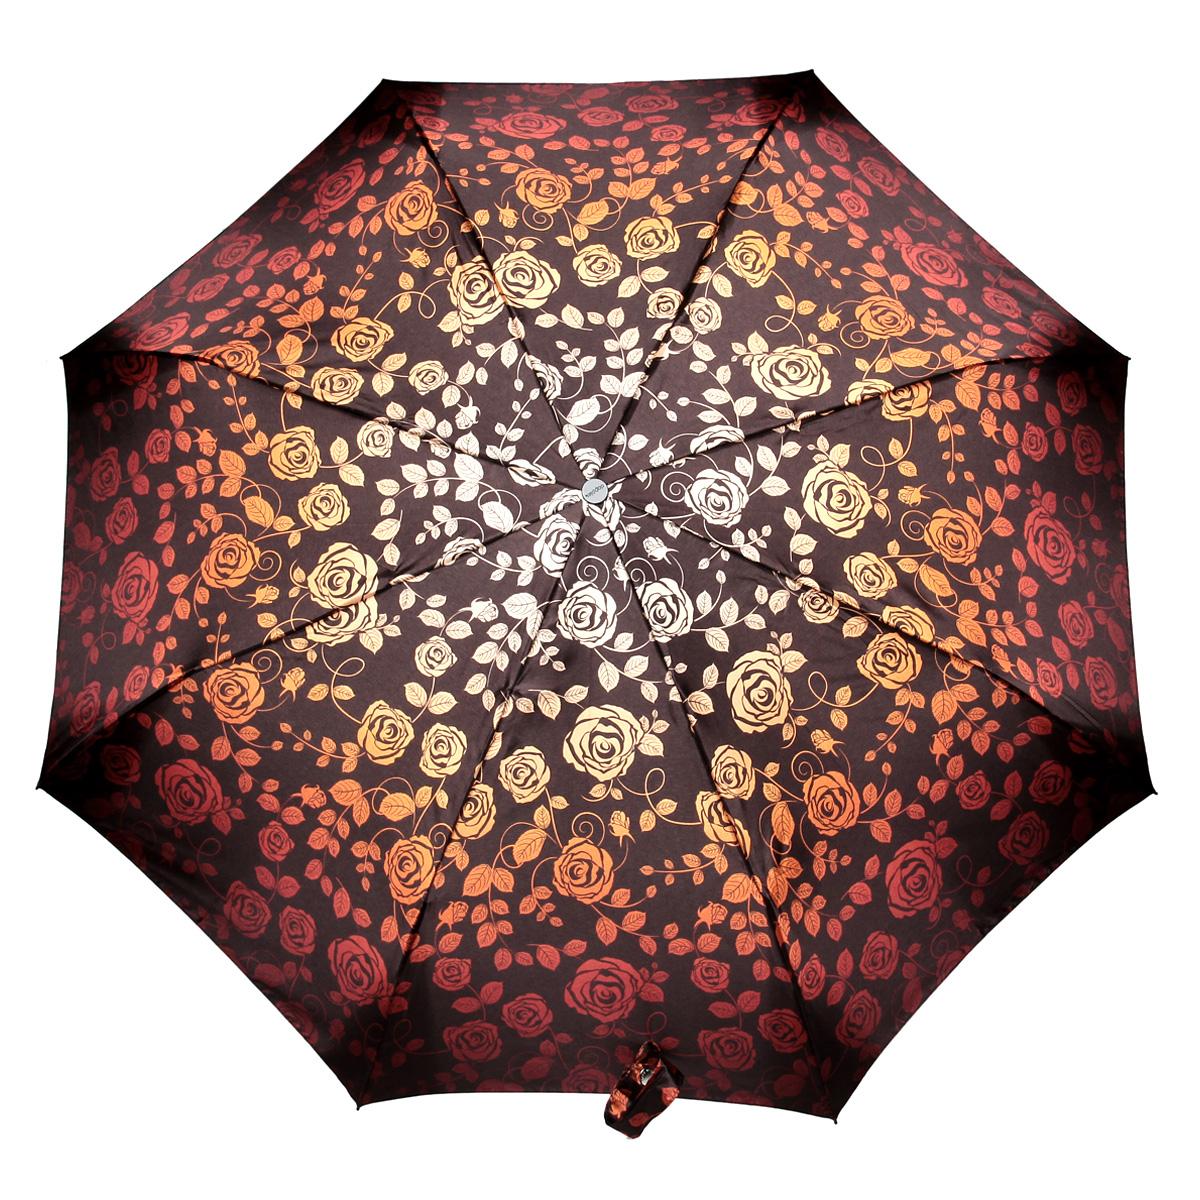 Зонт женский Doppler Розы, автомат, 3 сложения, цвет: красно-оранжевый. 74660FGF74660FGFСтильный автоматический зонт Doppler Розы в 3 сложения даже в ненастную погоду позволит вам оставаться стильной и элегантной. Каркас зонта из стали состоит из восьми карбоновых спиц, оснащен удобной рукояткой. Зонт имеет автоматический механизм сложения: купол открывается и закрывается нажатием кнопки на рукоятке, стержень складывается вручную до характерного щелчка, благодаря чему открыть и закрыть зонт можно одной рукой, что чрезвычайно удобно при входе в транспорт или помещение. Купол зонта выполнен из прочного сатина и оформлен изображением роз. Закрытый купол фиксируется хлястиком на кнопке. На рукоятке для удобства есть небольшой шнурок-петля, позволяющий надеть зонт на руку тогда, когда это будет необходимо. К зонту прилагается чехол.